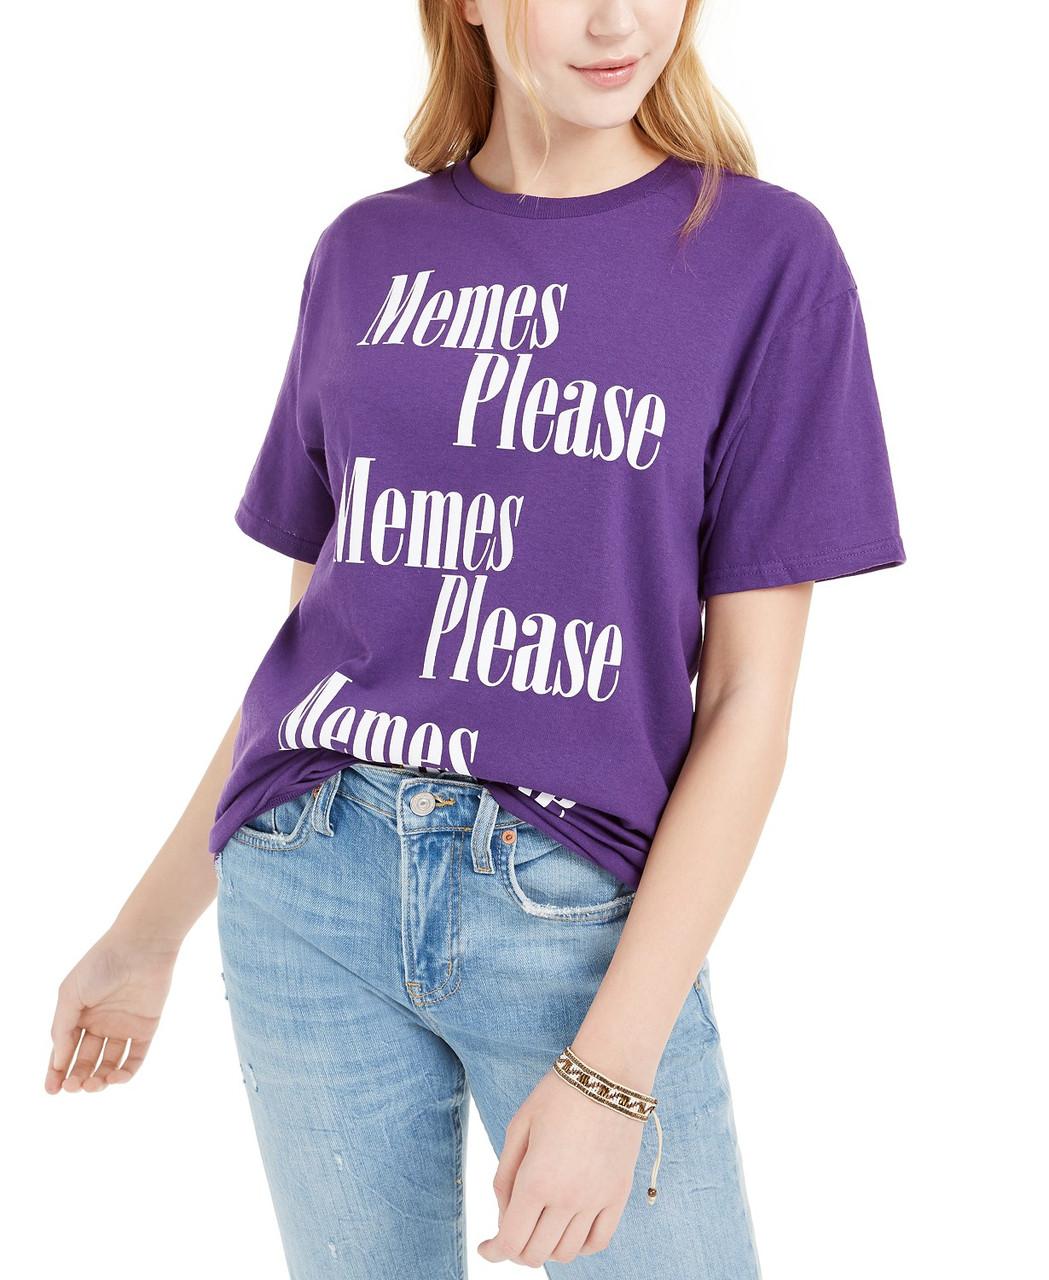 Freeze Женская футболка - Е2